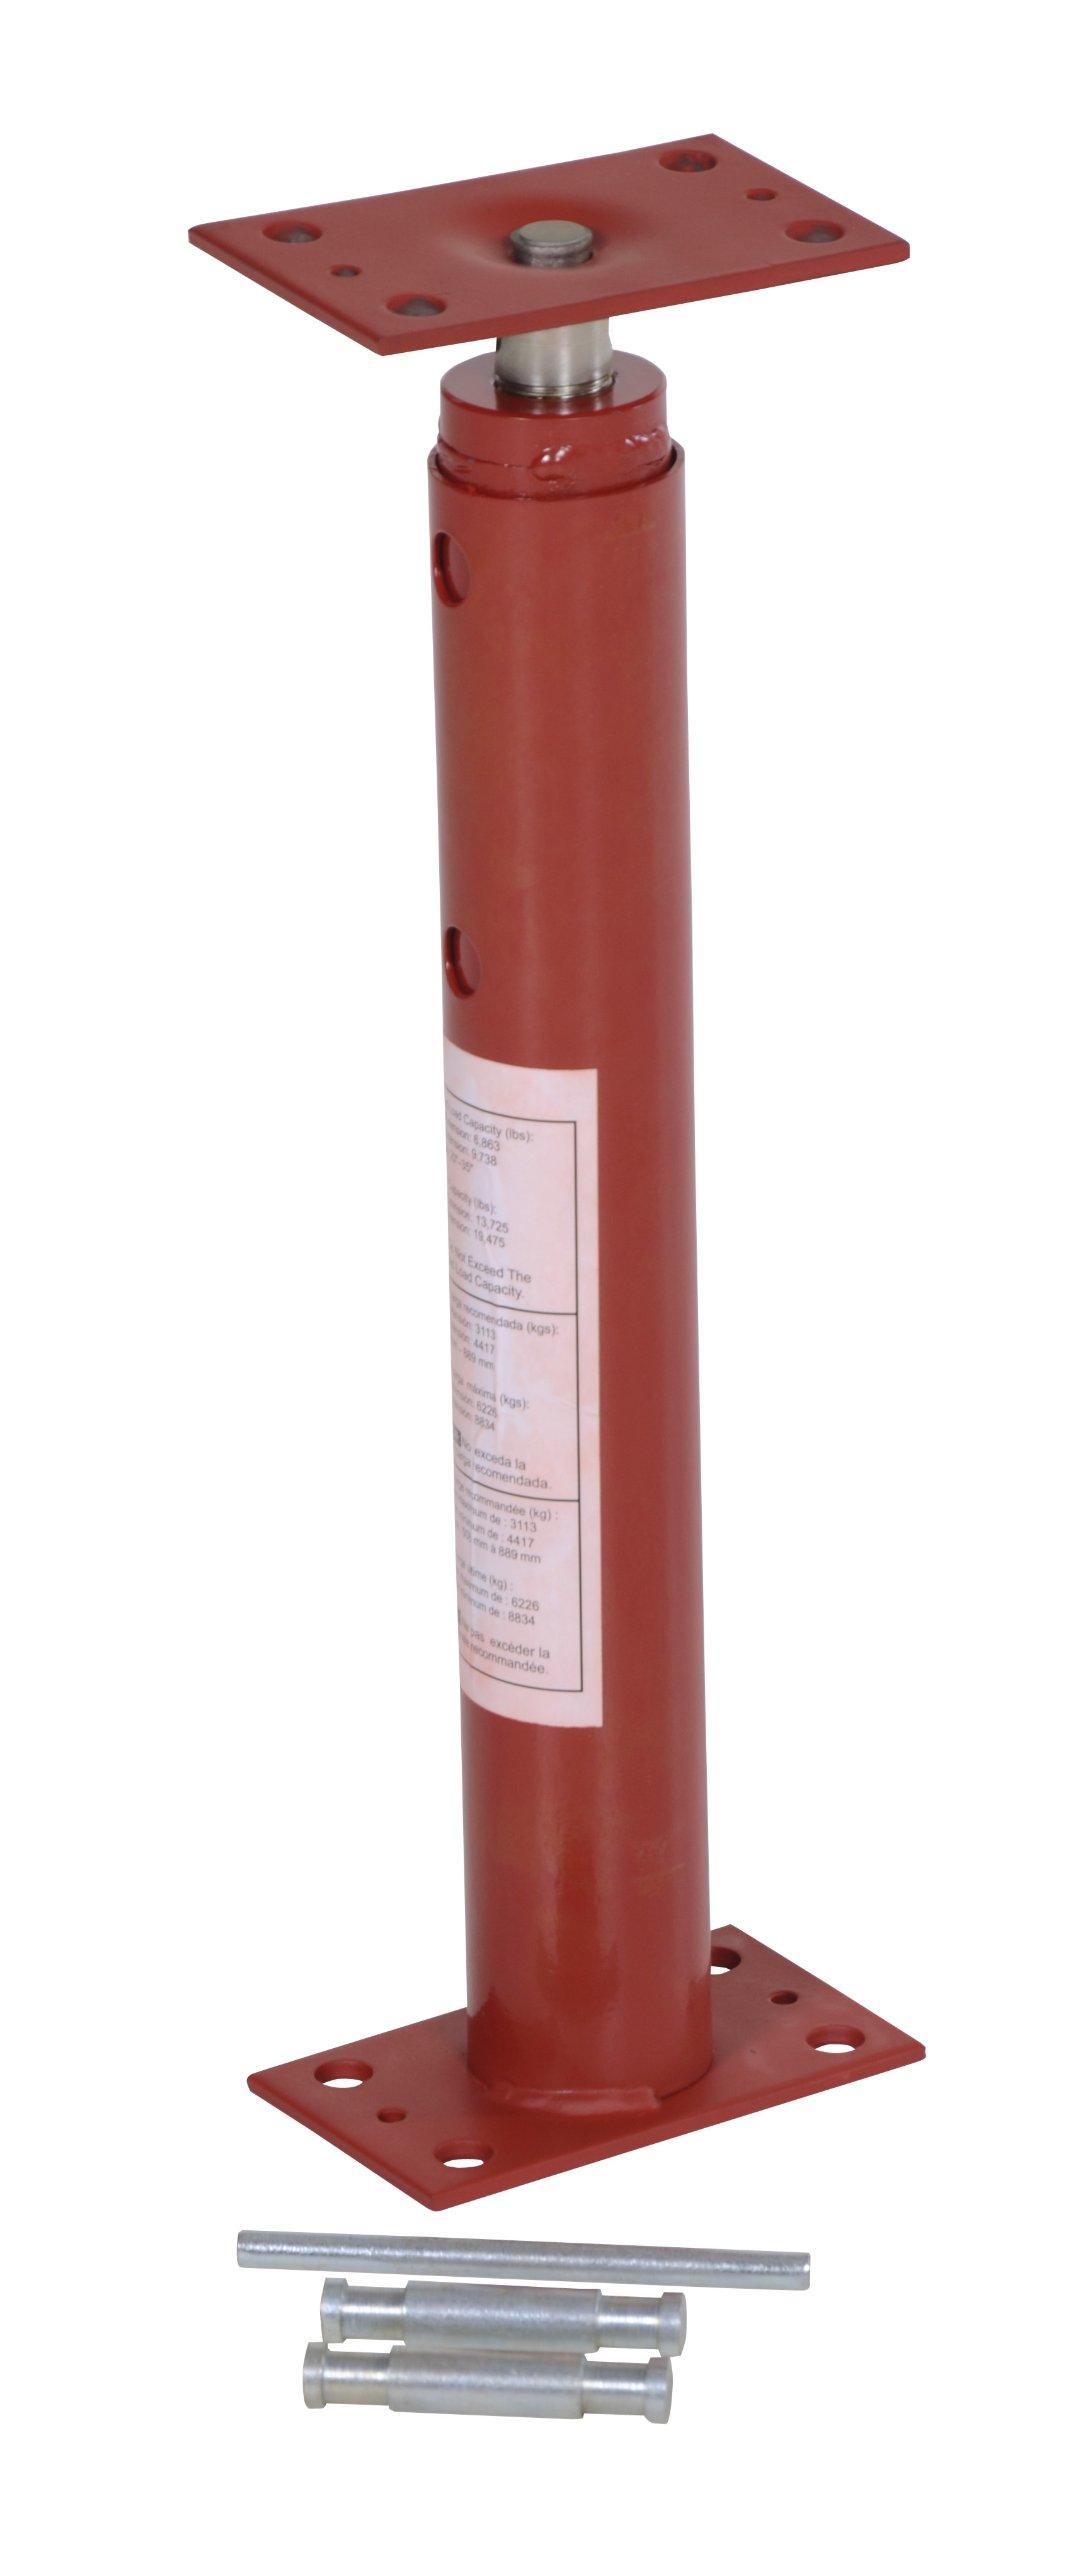 Vestil FJB-36 Basement Floor Jack, 19'' - 36'' Height Range, Maximum Height Capacity (lbs.) 6863, Minimum Height Capacity (lbs.) 9738 by Vestil (Image #4)